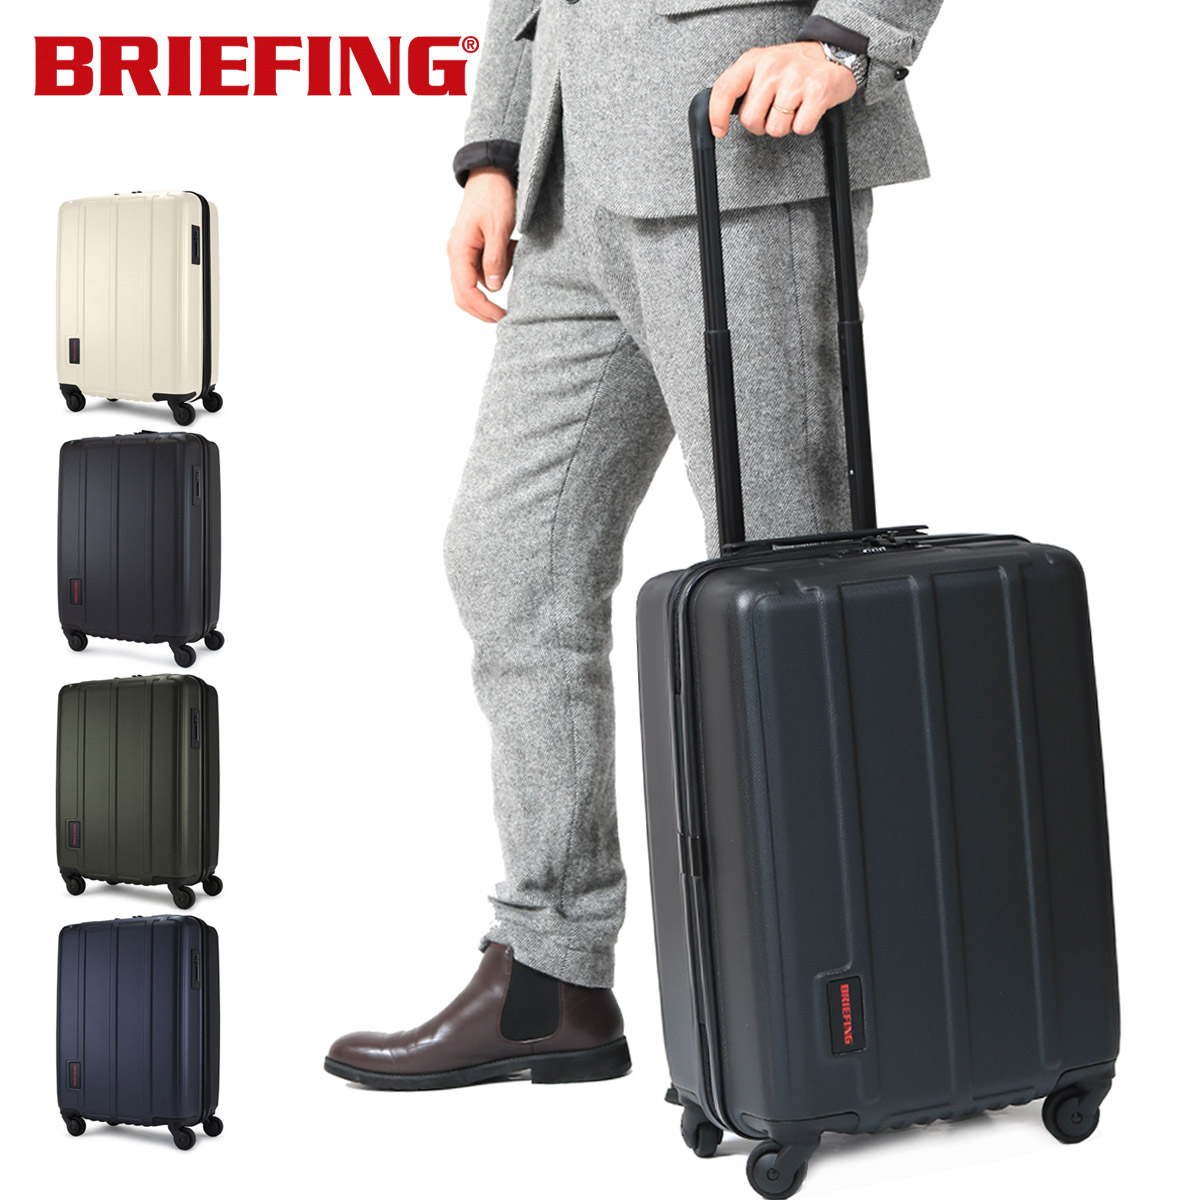 ブリーフィング スーツケース メンズ BRF304219 BRIEFING ハードケース キャリーケース ジッパー ポリカーボネート H-37 [PO10][bef][即日発送]